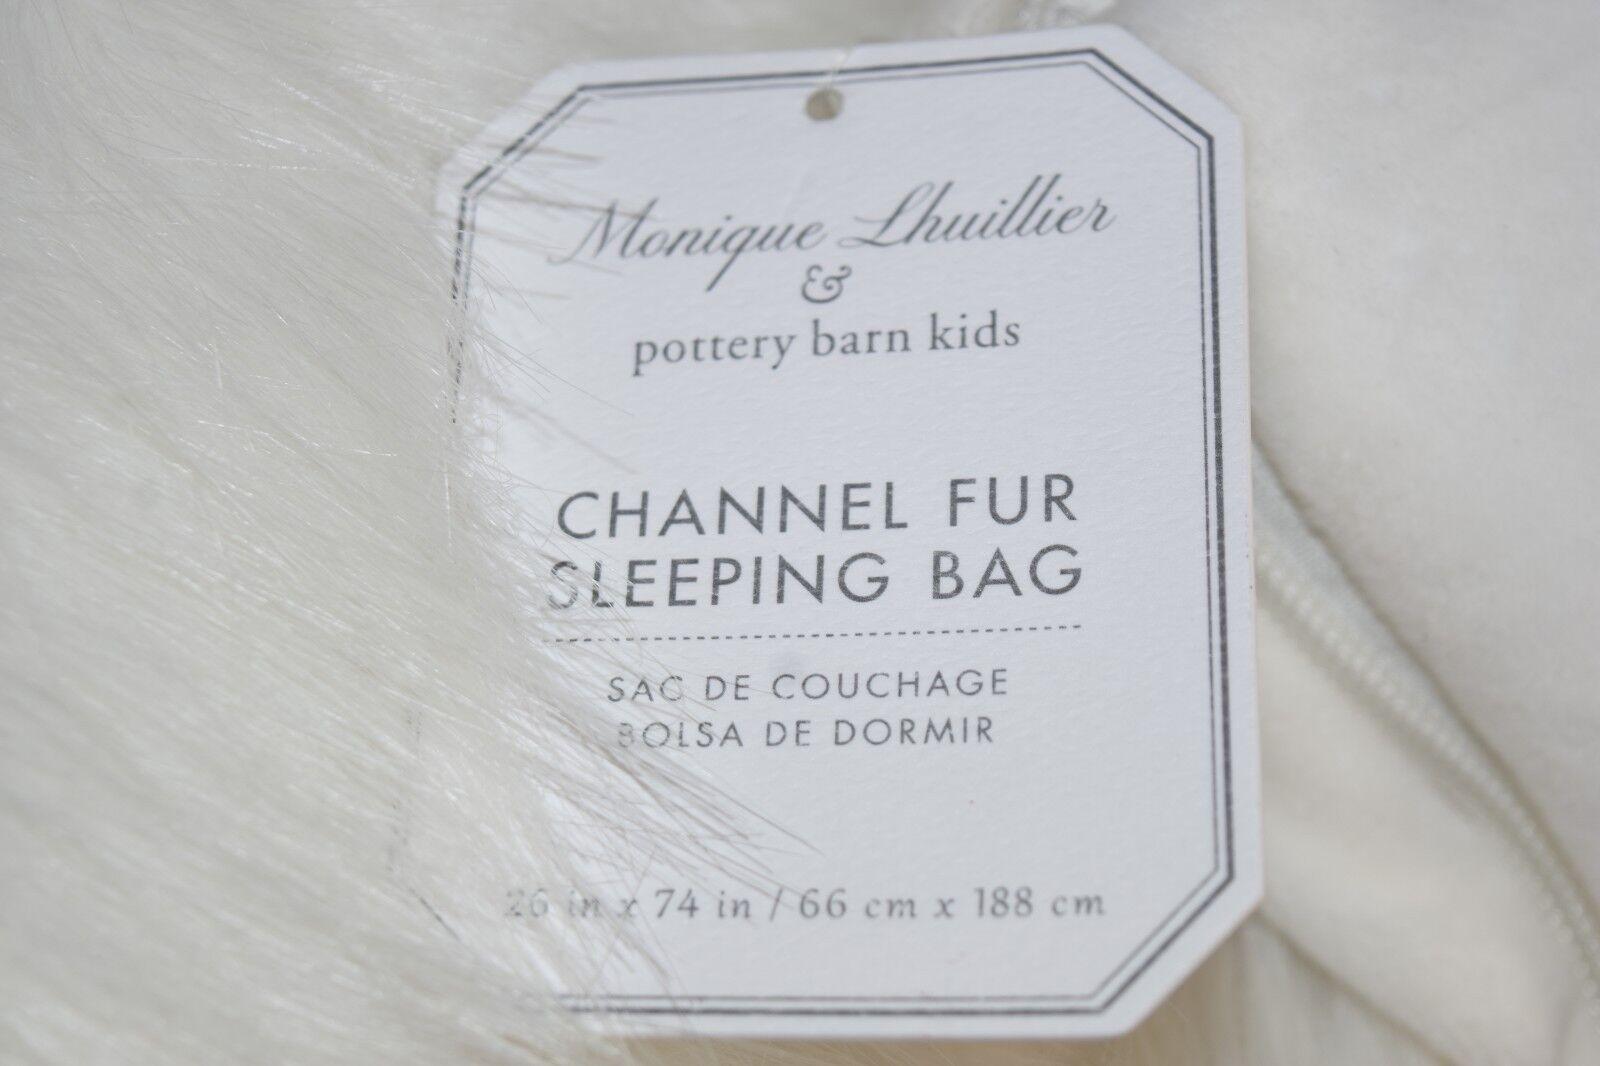 Nouveau POTTERY BARN Kids Monique Lhuillier Channel en fourrure synthétique sac de couchage Blanc